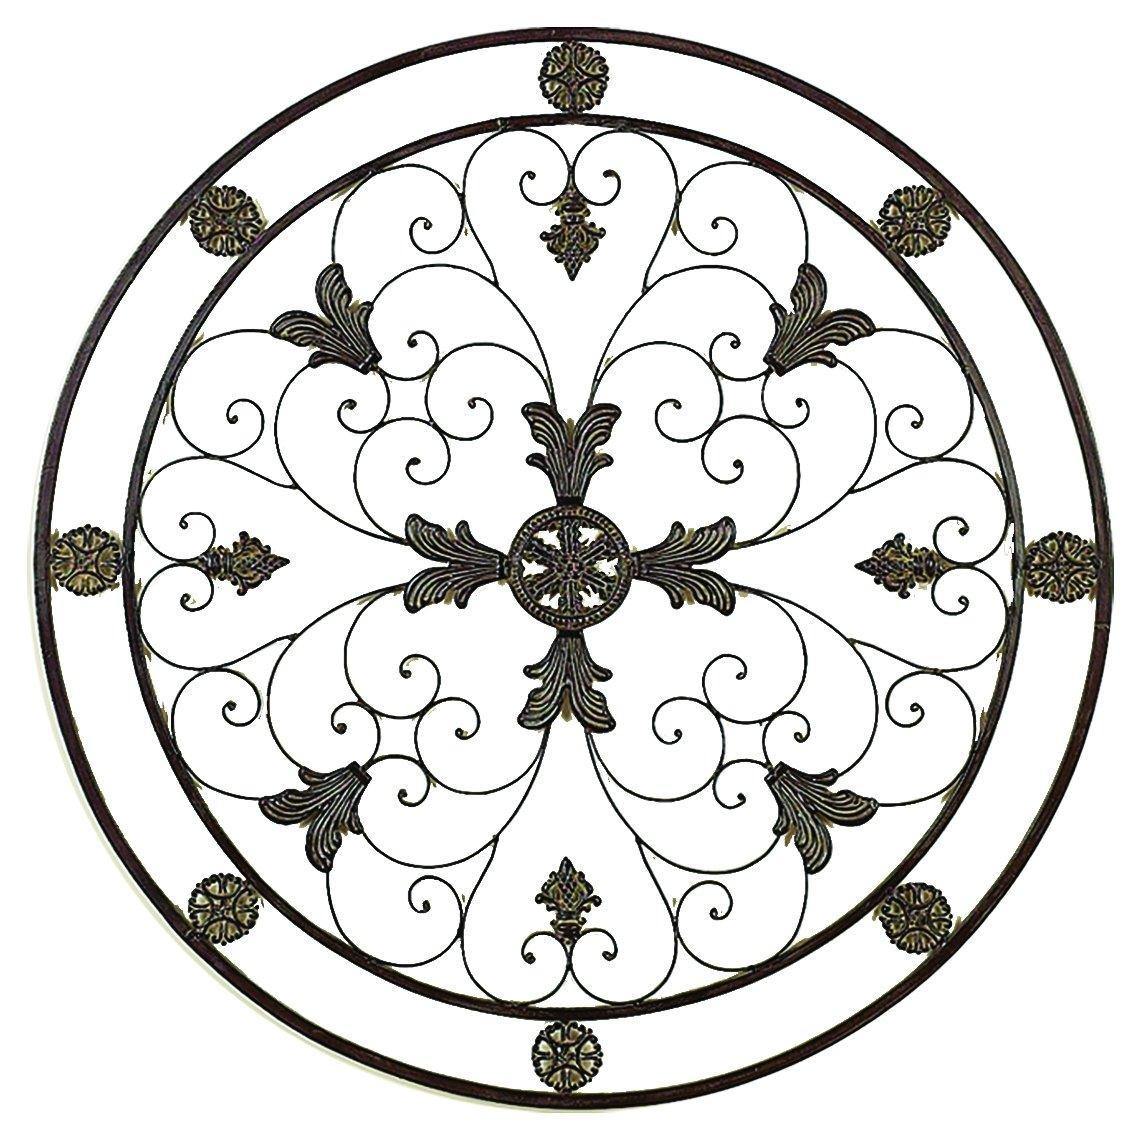 Benzara 81372 Energy Circle Metal Wall Art Decorative Sculpture